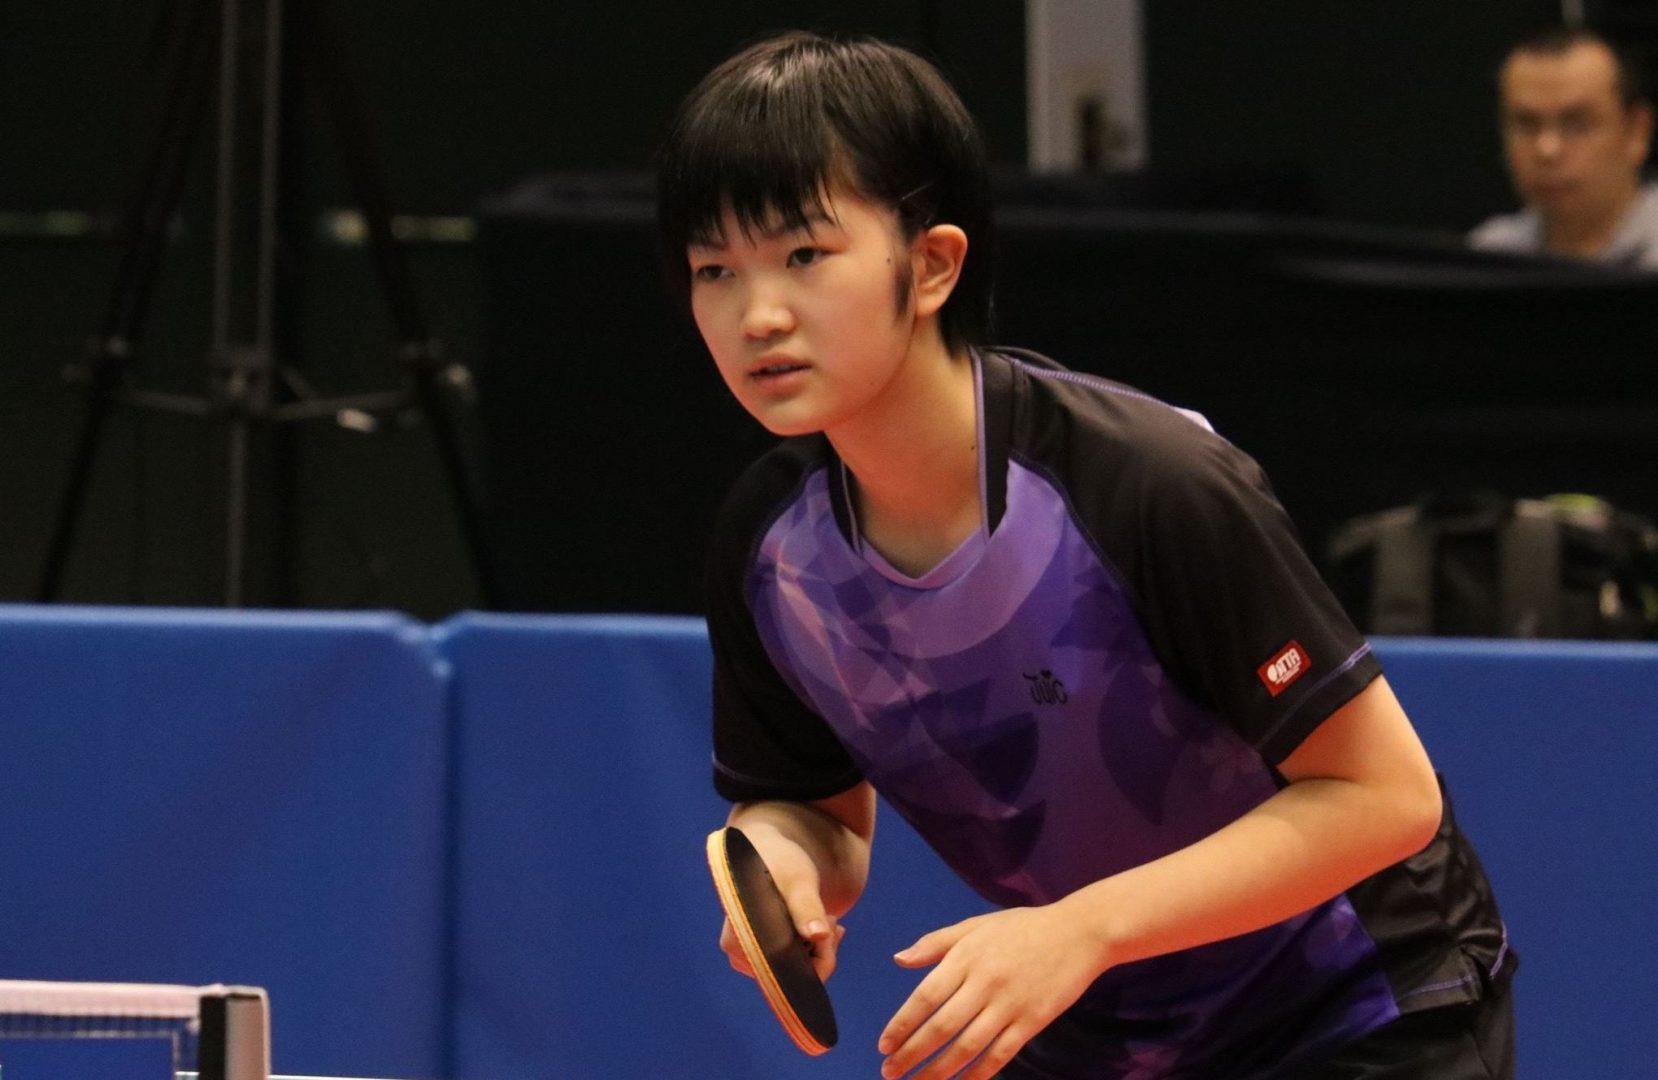 【特集:東京2020期待の星】張本よりも一つ年下の13歳、女子注目の木原美悠